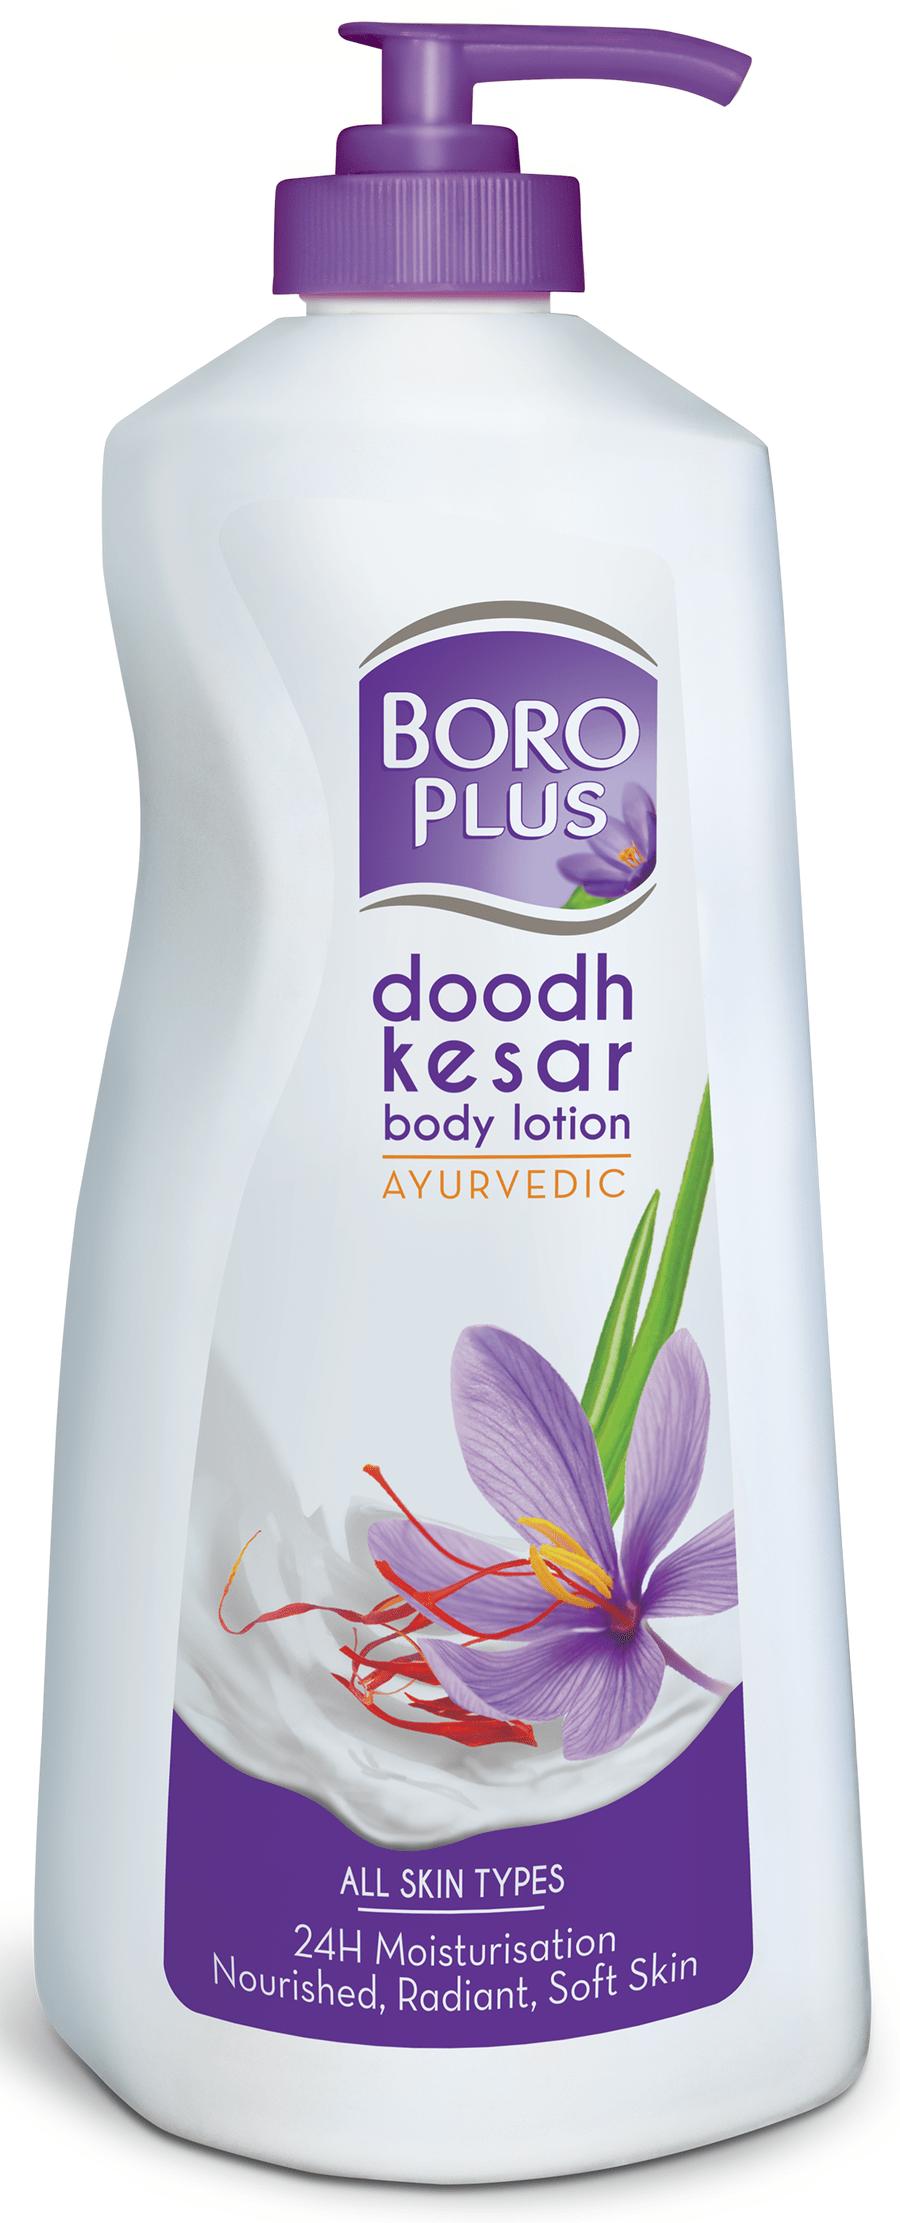 Boro Plus Doodh Kesar Body Lotion - 400ml